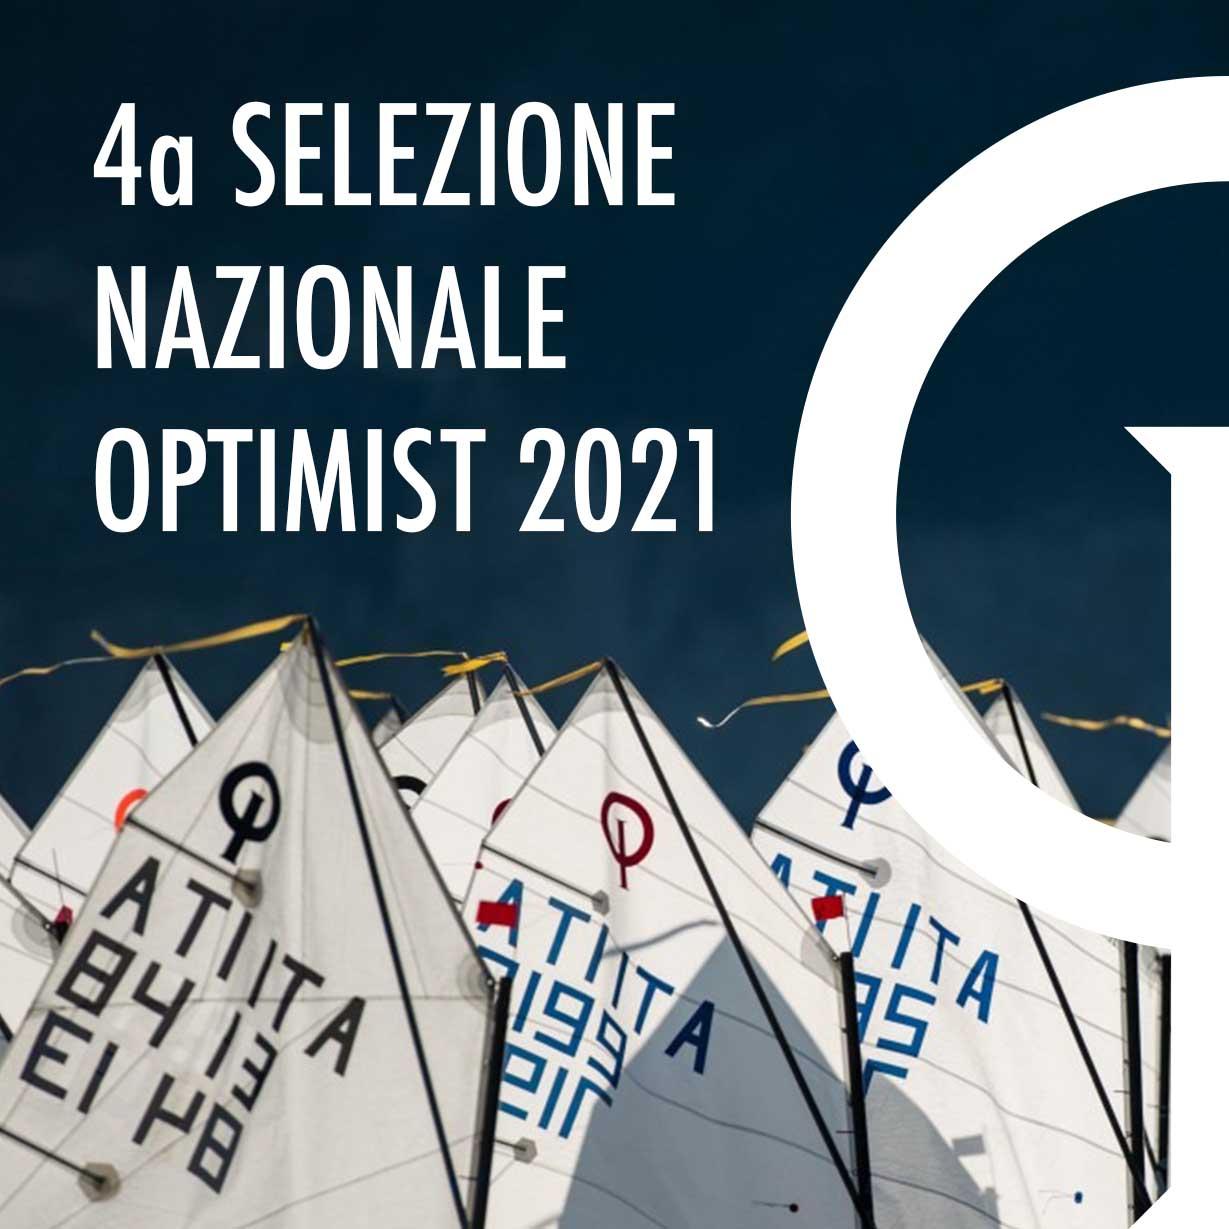 4a SELEZIONE NAZIONALE OPTIMIST 2021